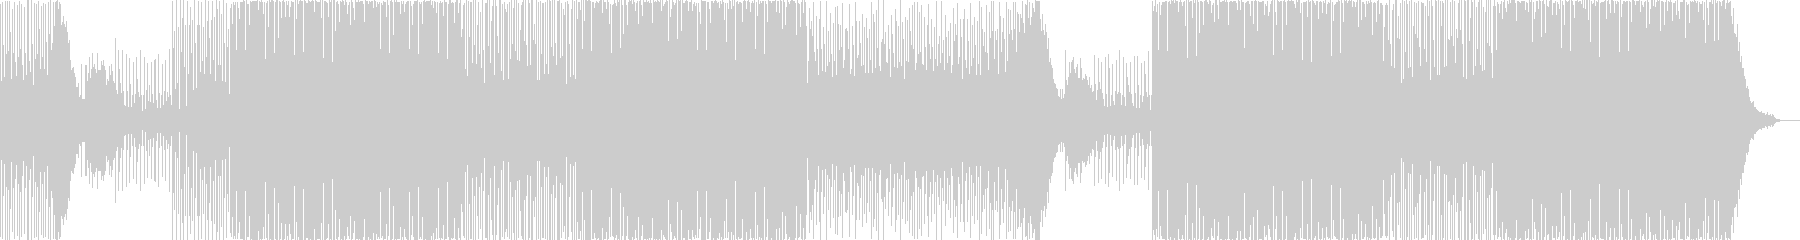 ギターカッティングがファンキーなEDMの未再生の波形